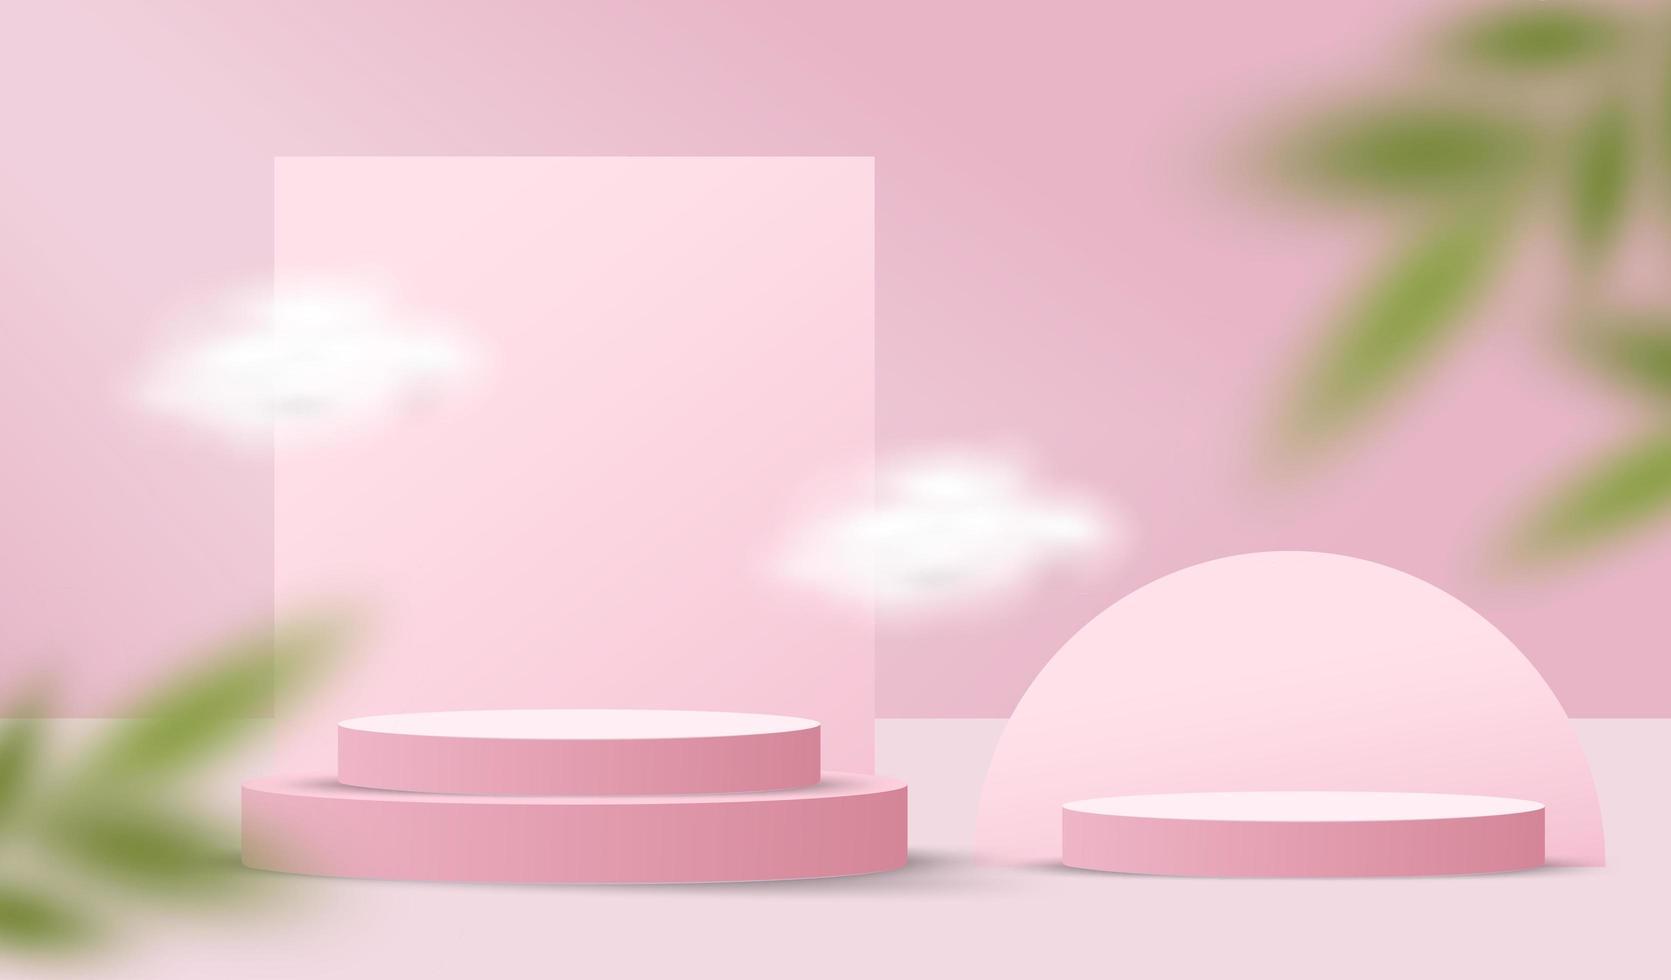 sfondo astratto San Valentino con podio cilindro e foglie vettore